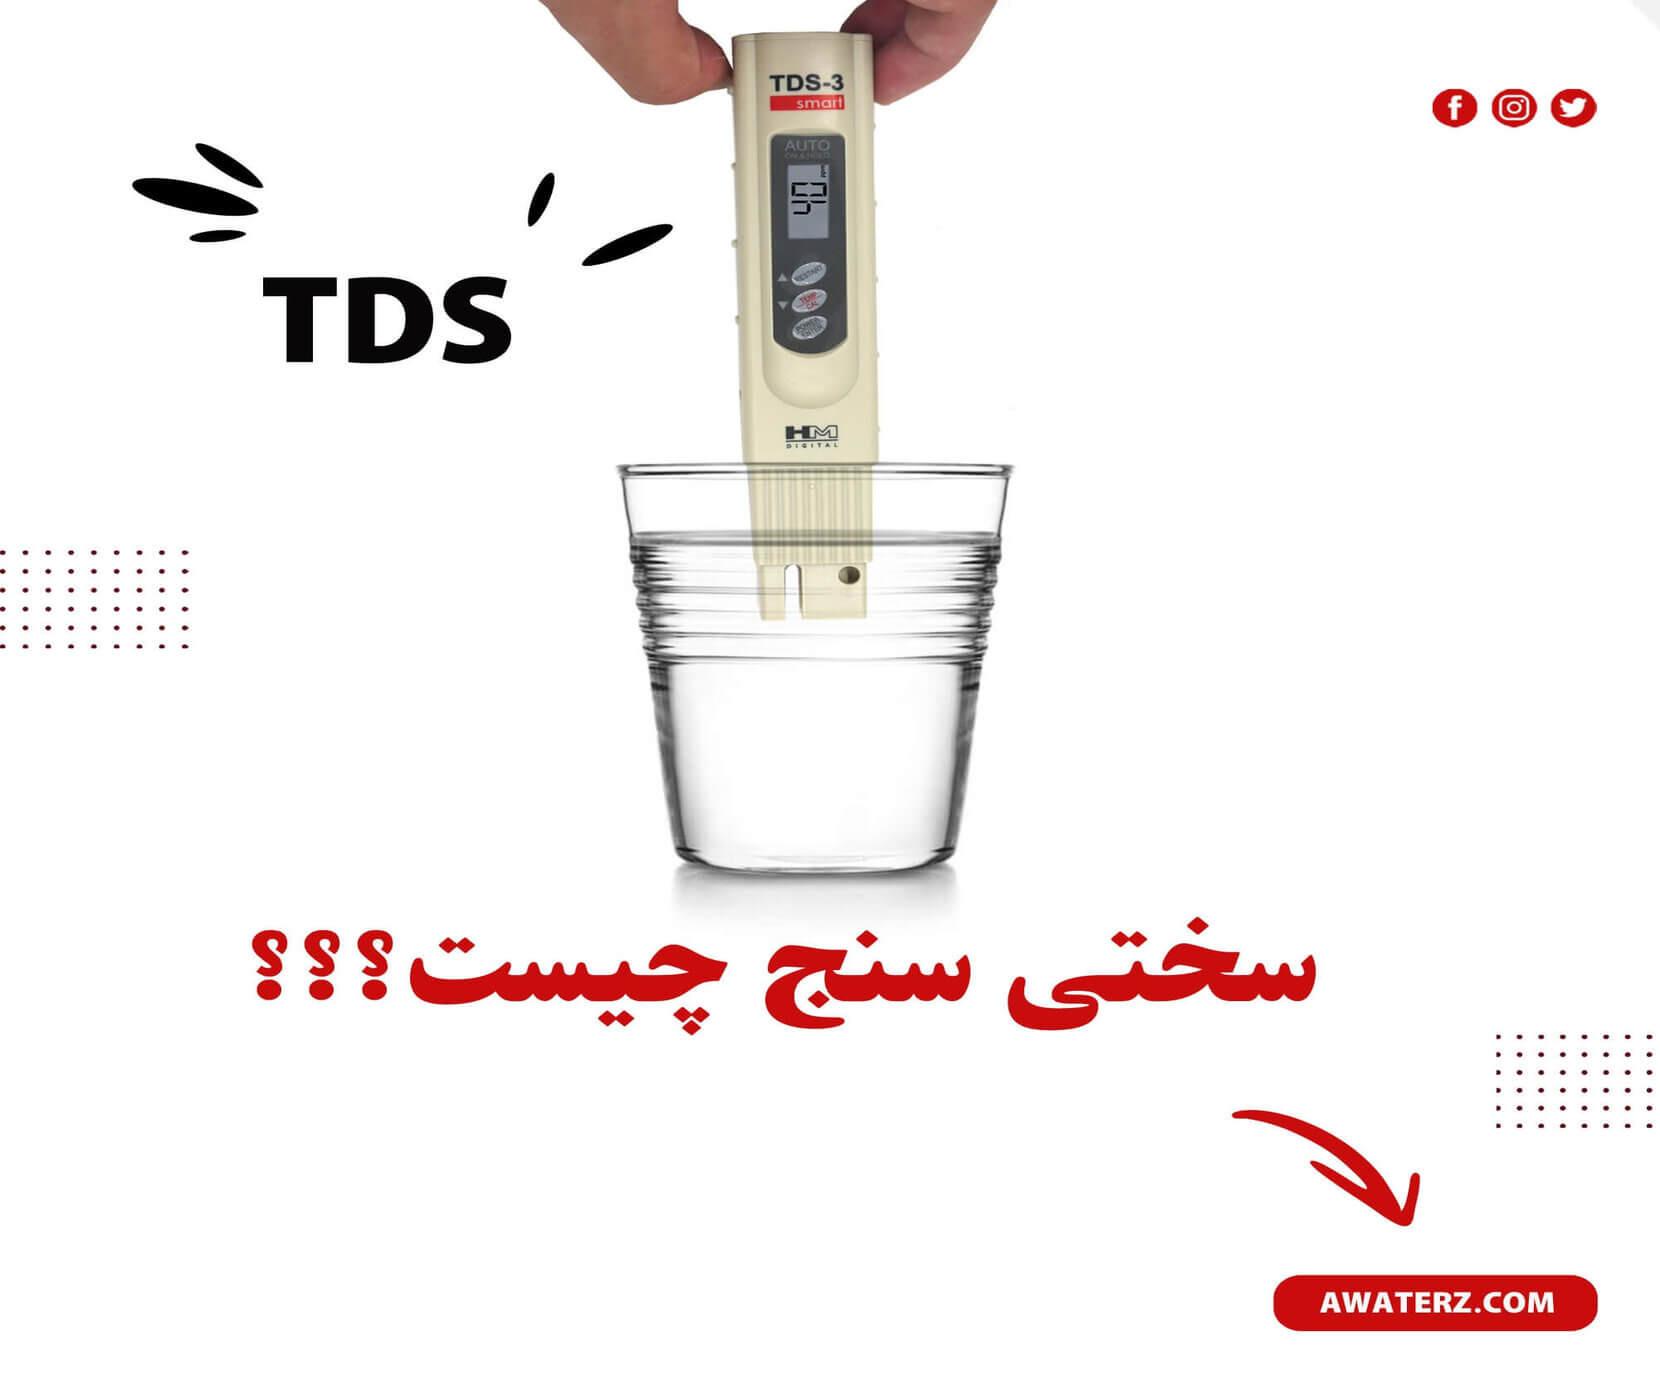 دستگاه سختی سنج آب (tdsmeter) چیست و چه کاربردی دارد؟